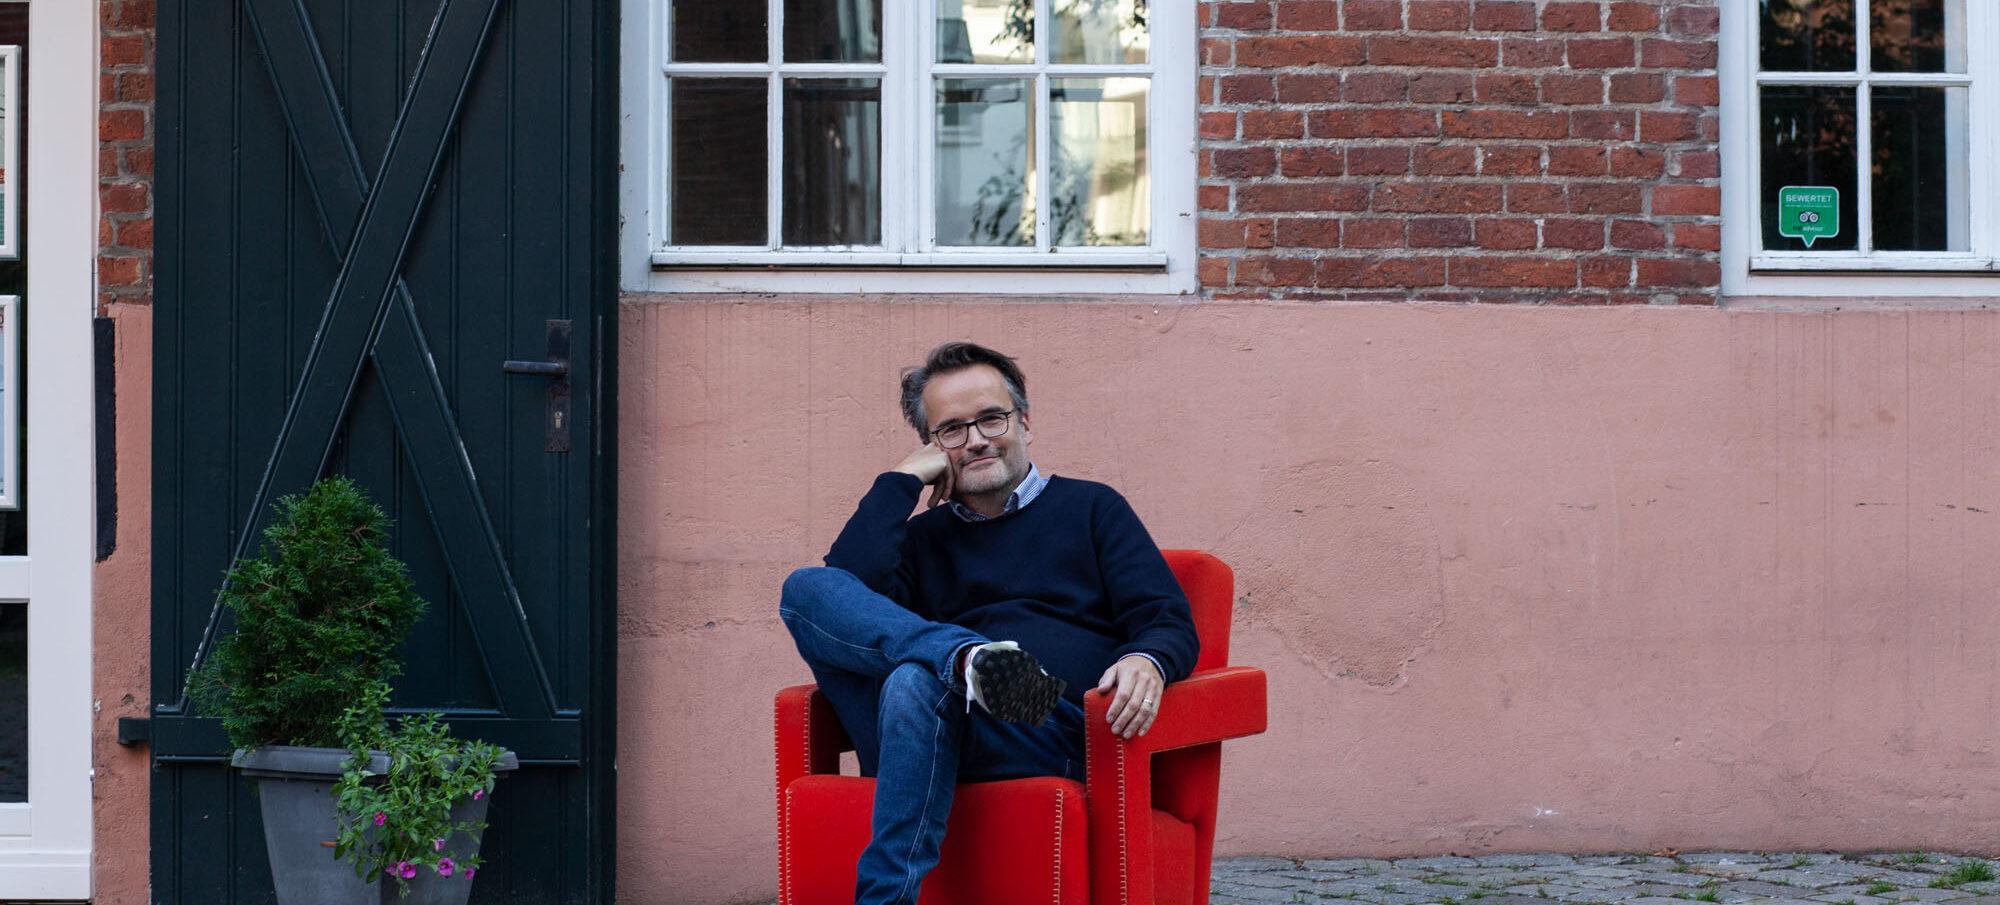 Philipp Romeiser, einer der Geschäftsführer der M Projekt Bremen, Architekt